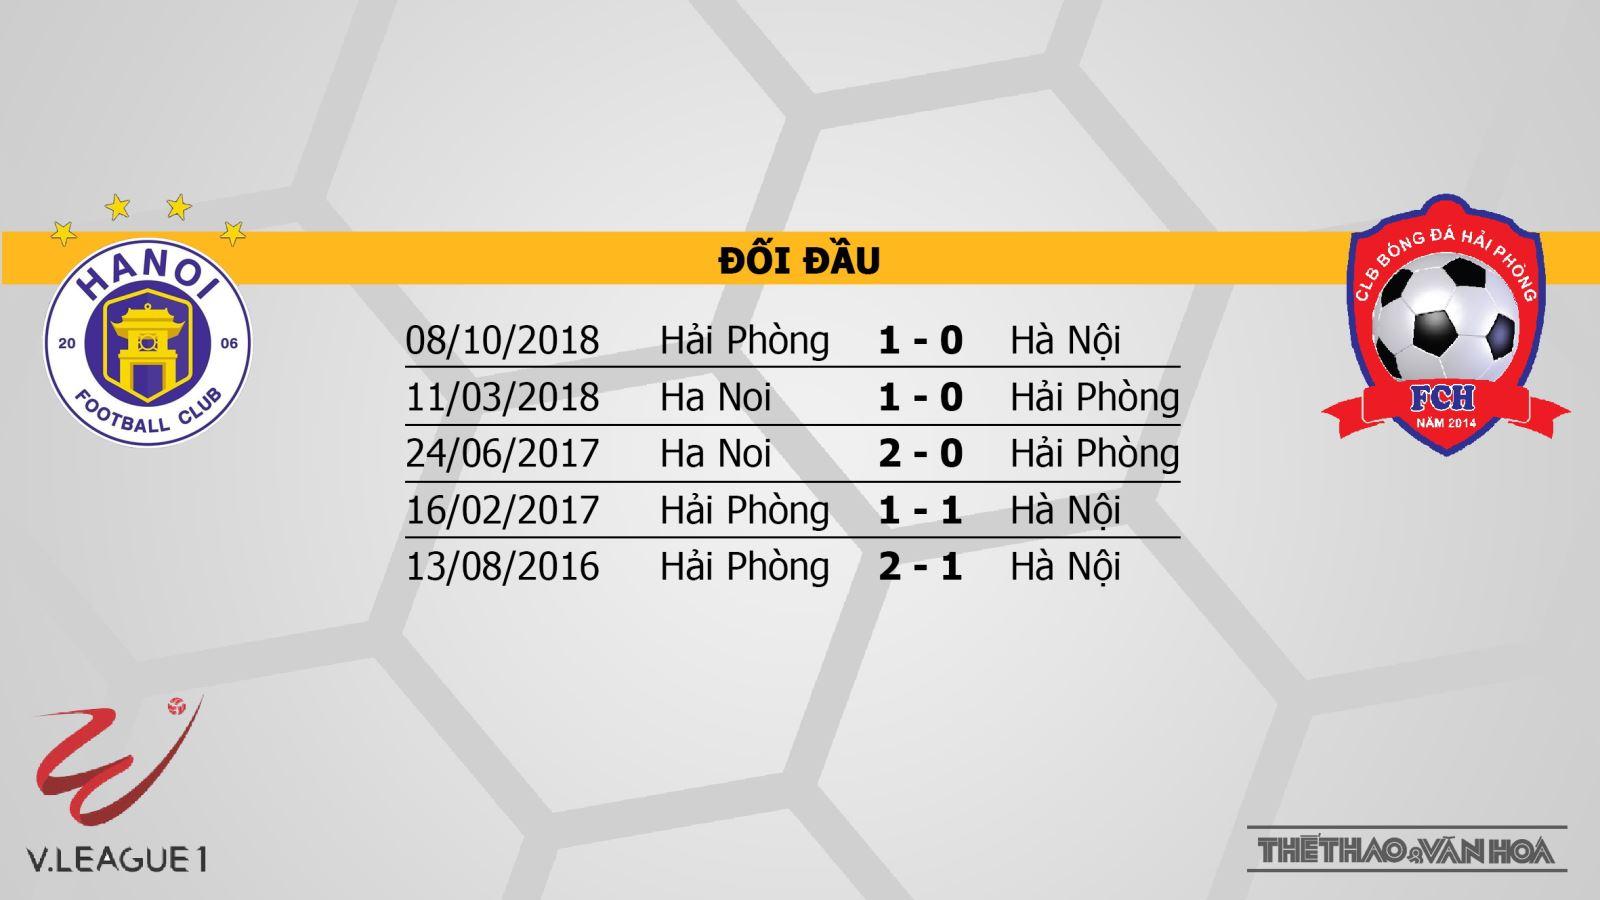 VTV6, Hà Nội FC, truc tiep bong da, trực tiếp bóng đá, Hà Nội vs Hải Phòng, Hải Phòng, Ha Noi, truc tiep Ha Noi, VLeague 2019, xem bong da truc tuyen, BĐTV